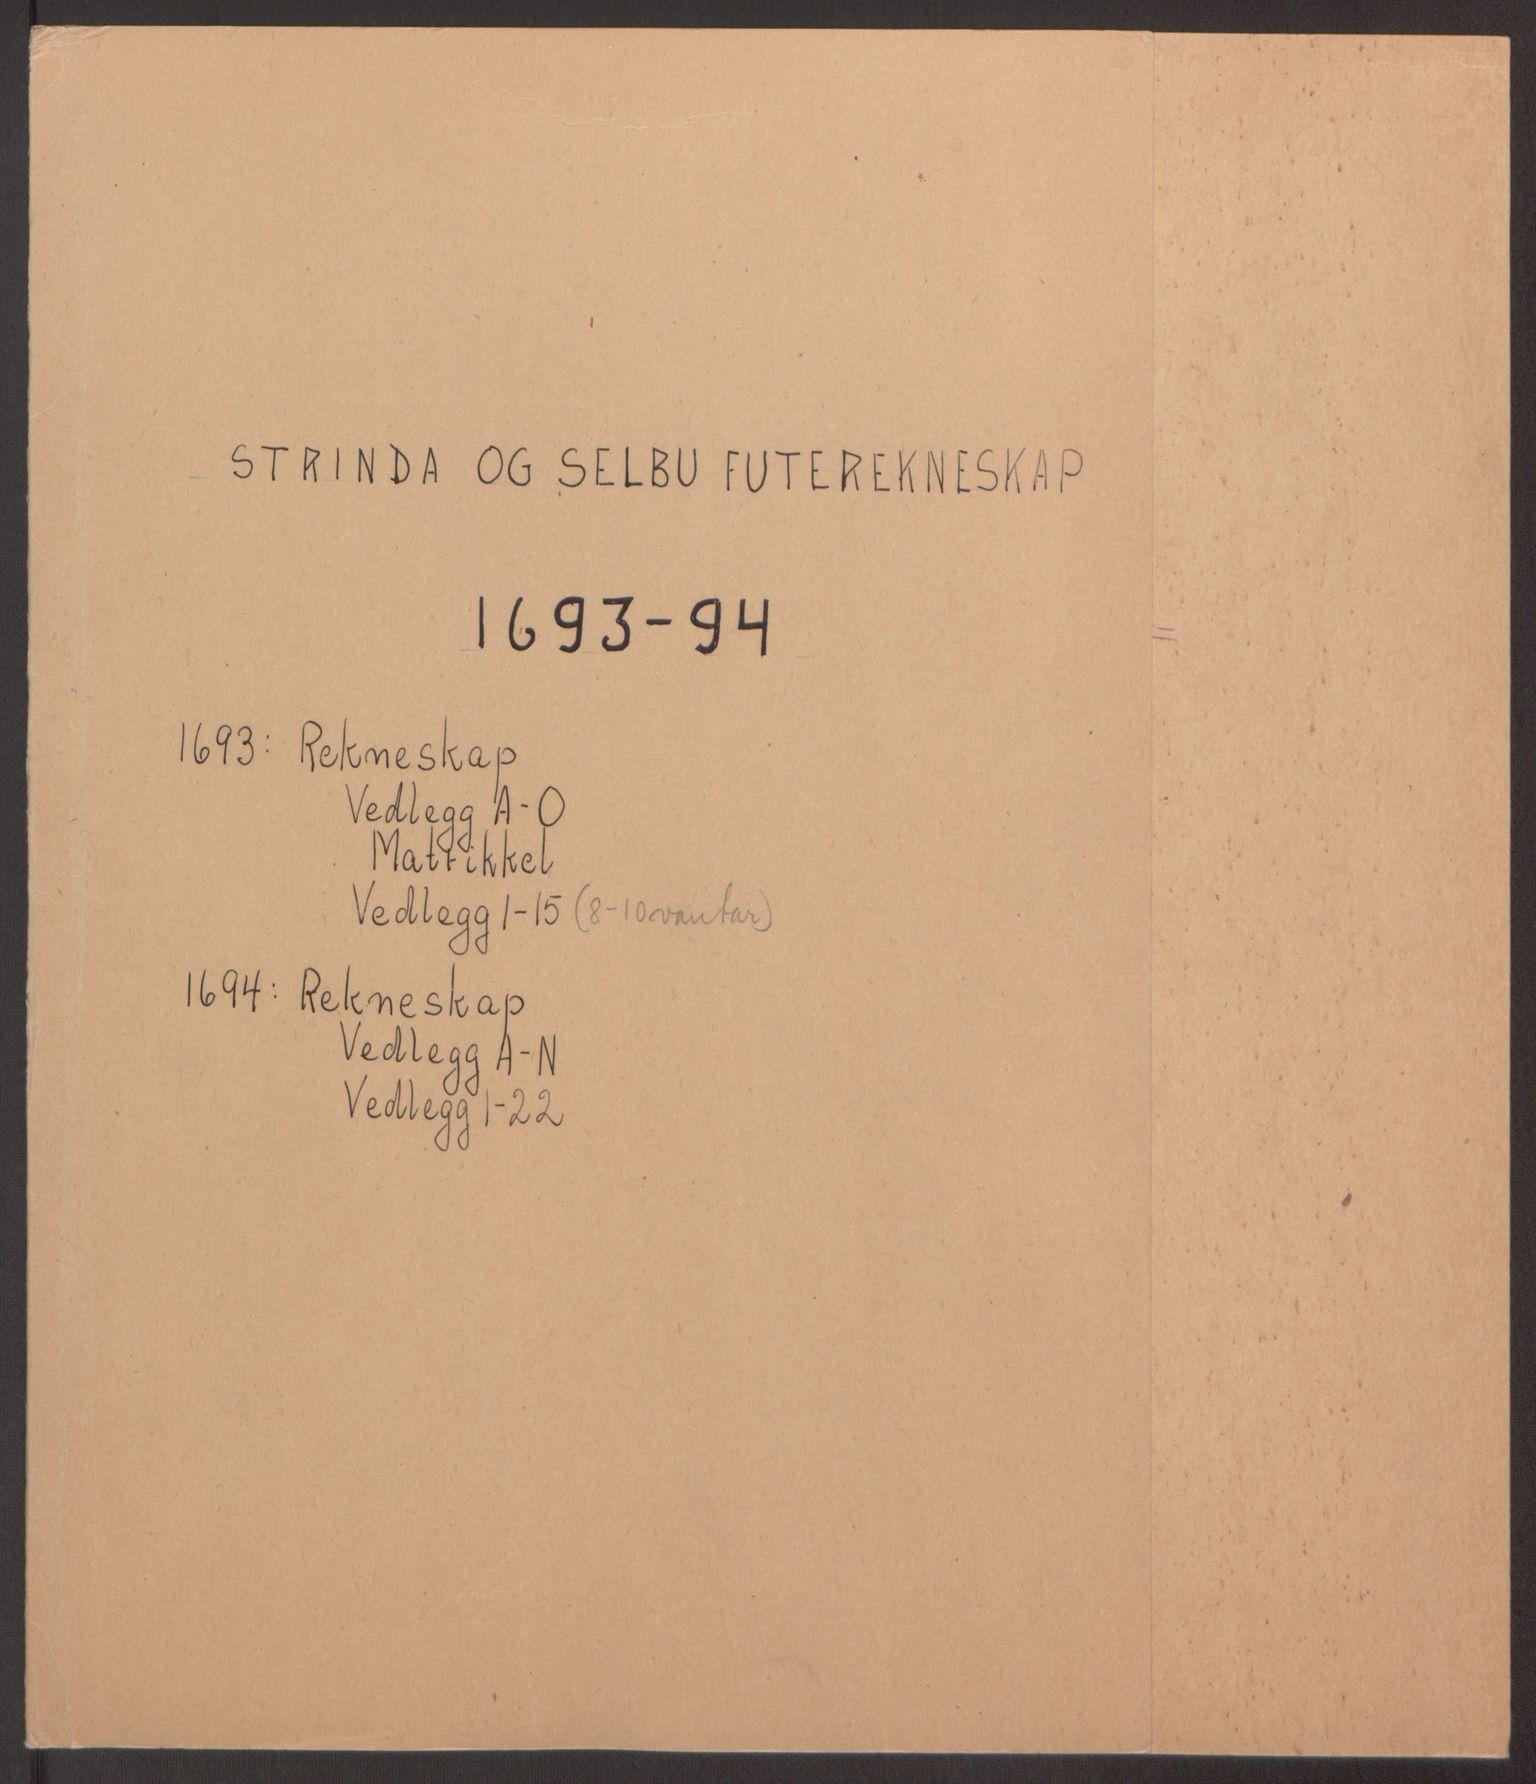 RA, Rentekammeret inntil 1814, Reviderte regnskaper, Fogderegnskap, R61/L4104: Fogderegnskap Strinda og Selbu, 1693-1694, s. 2